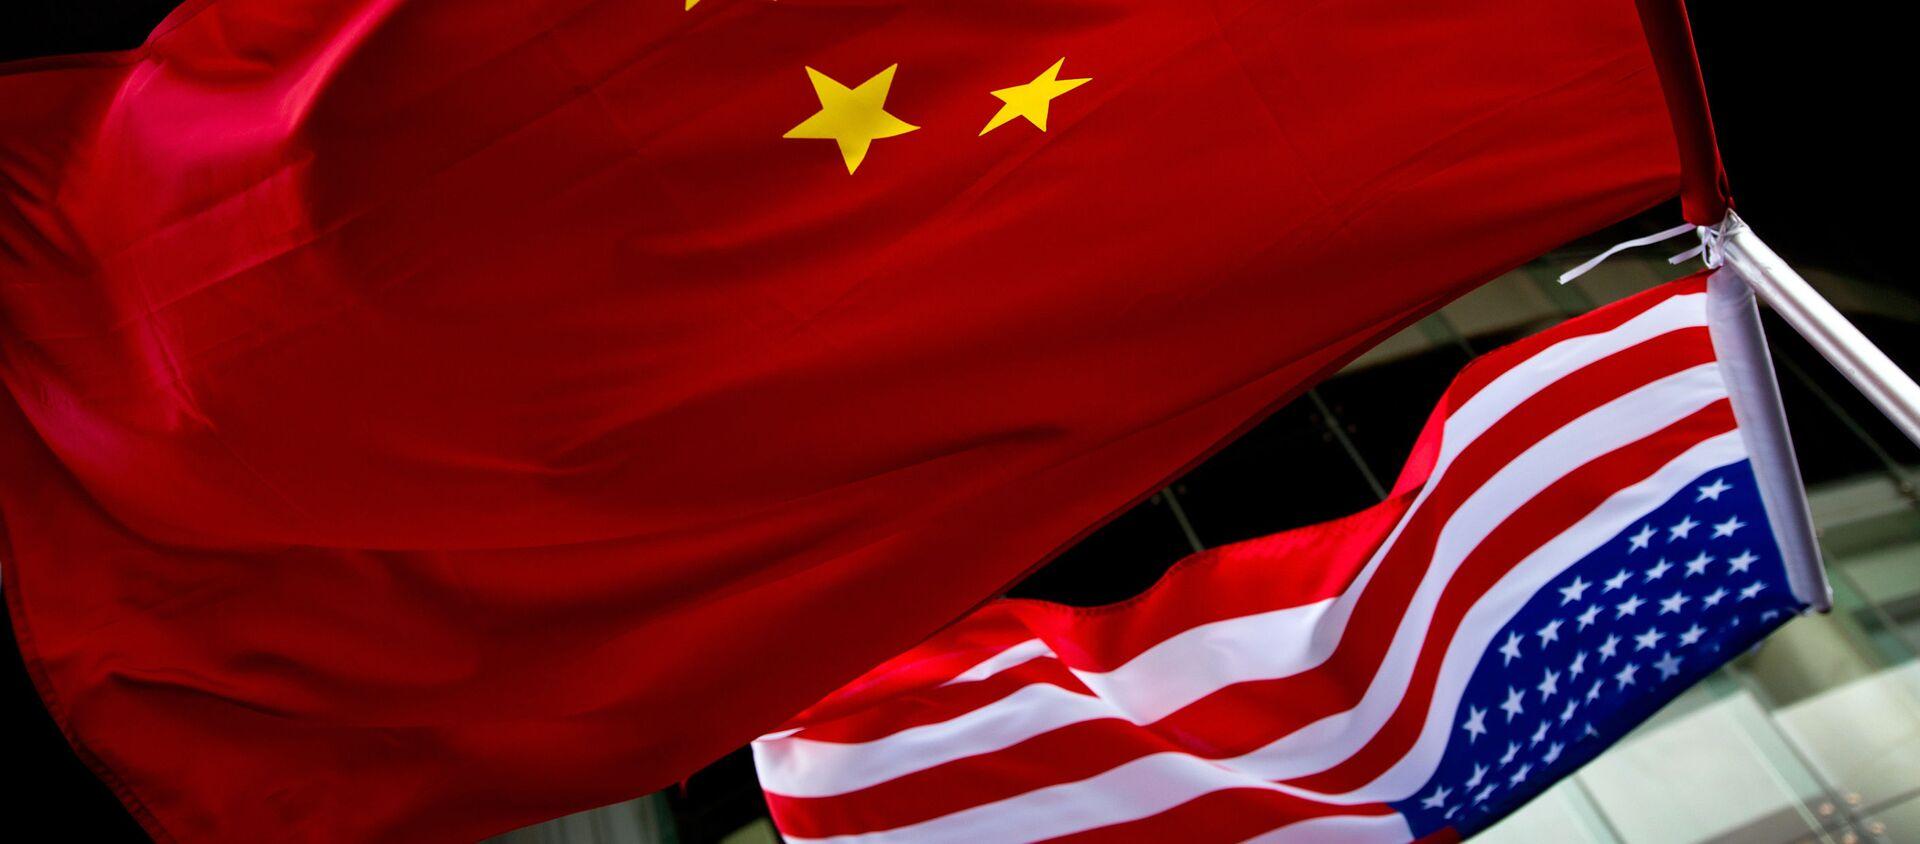 中国、米国 - Sputnik 日本, 1920, 21.07.2021